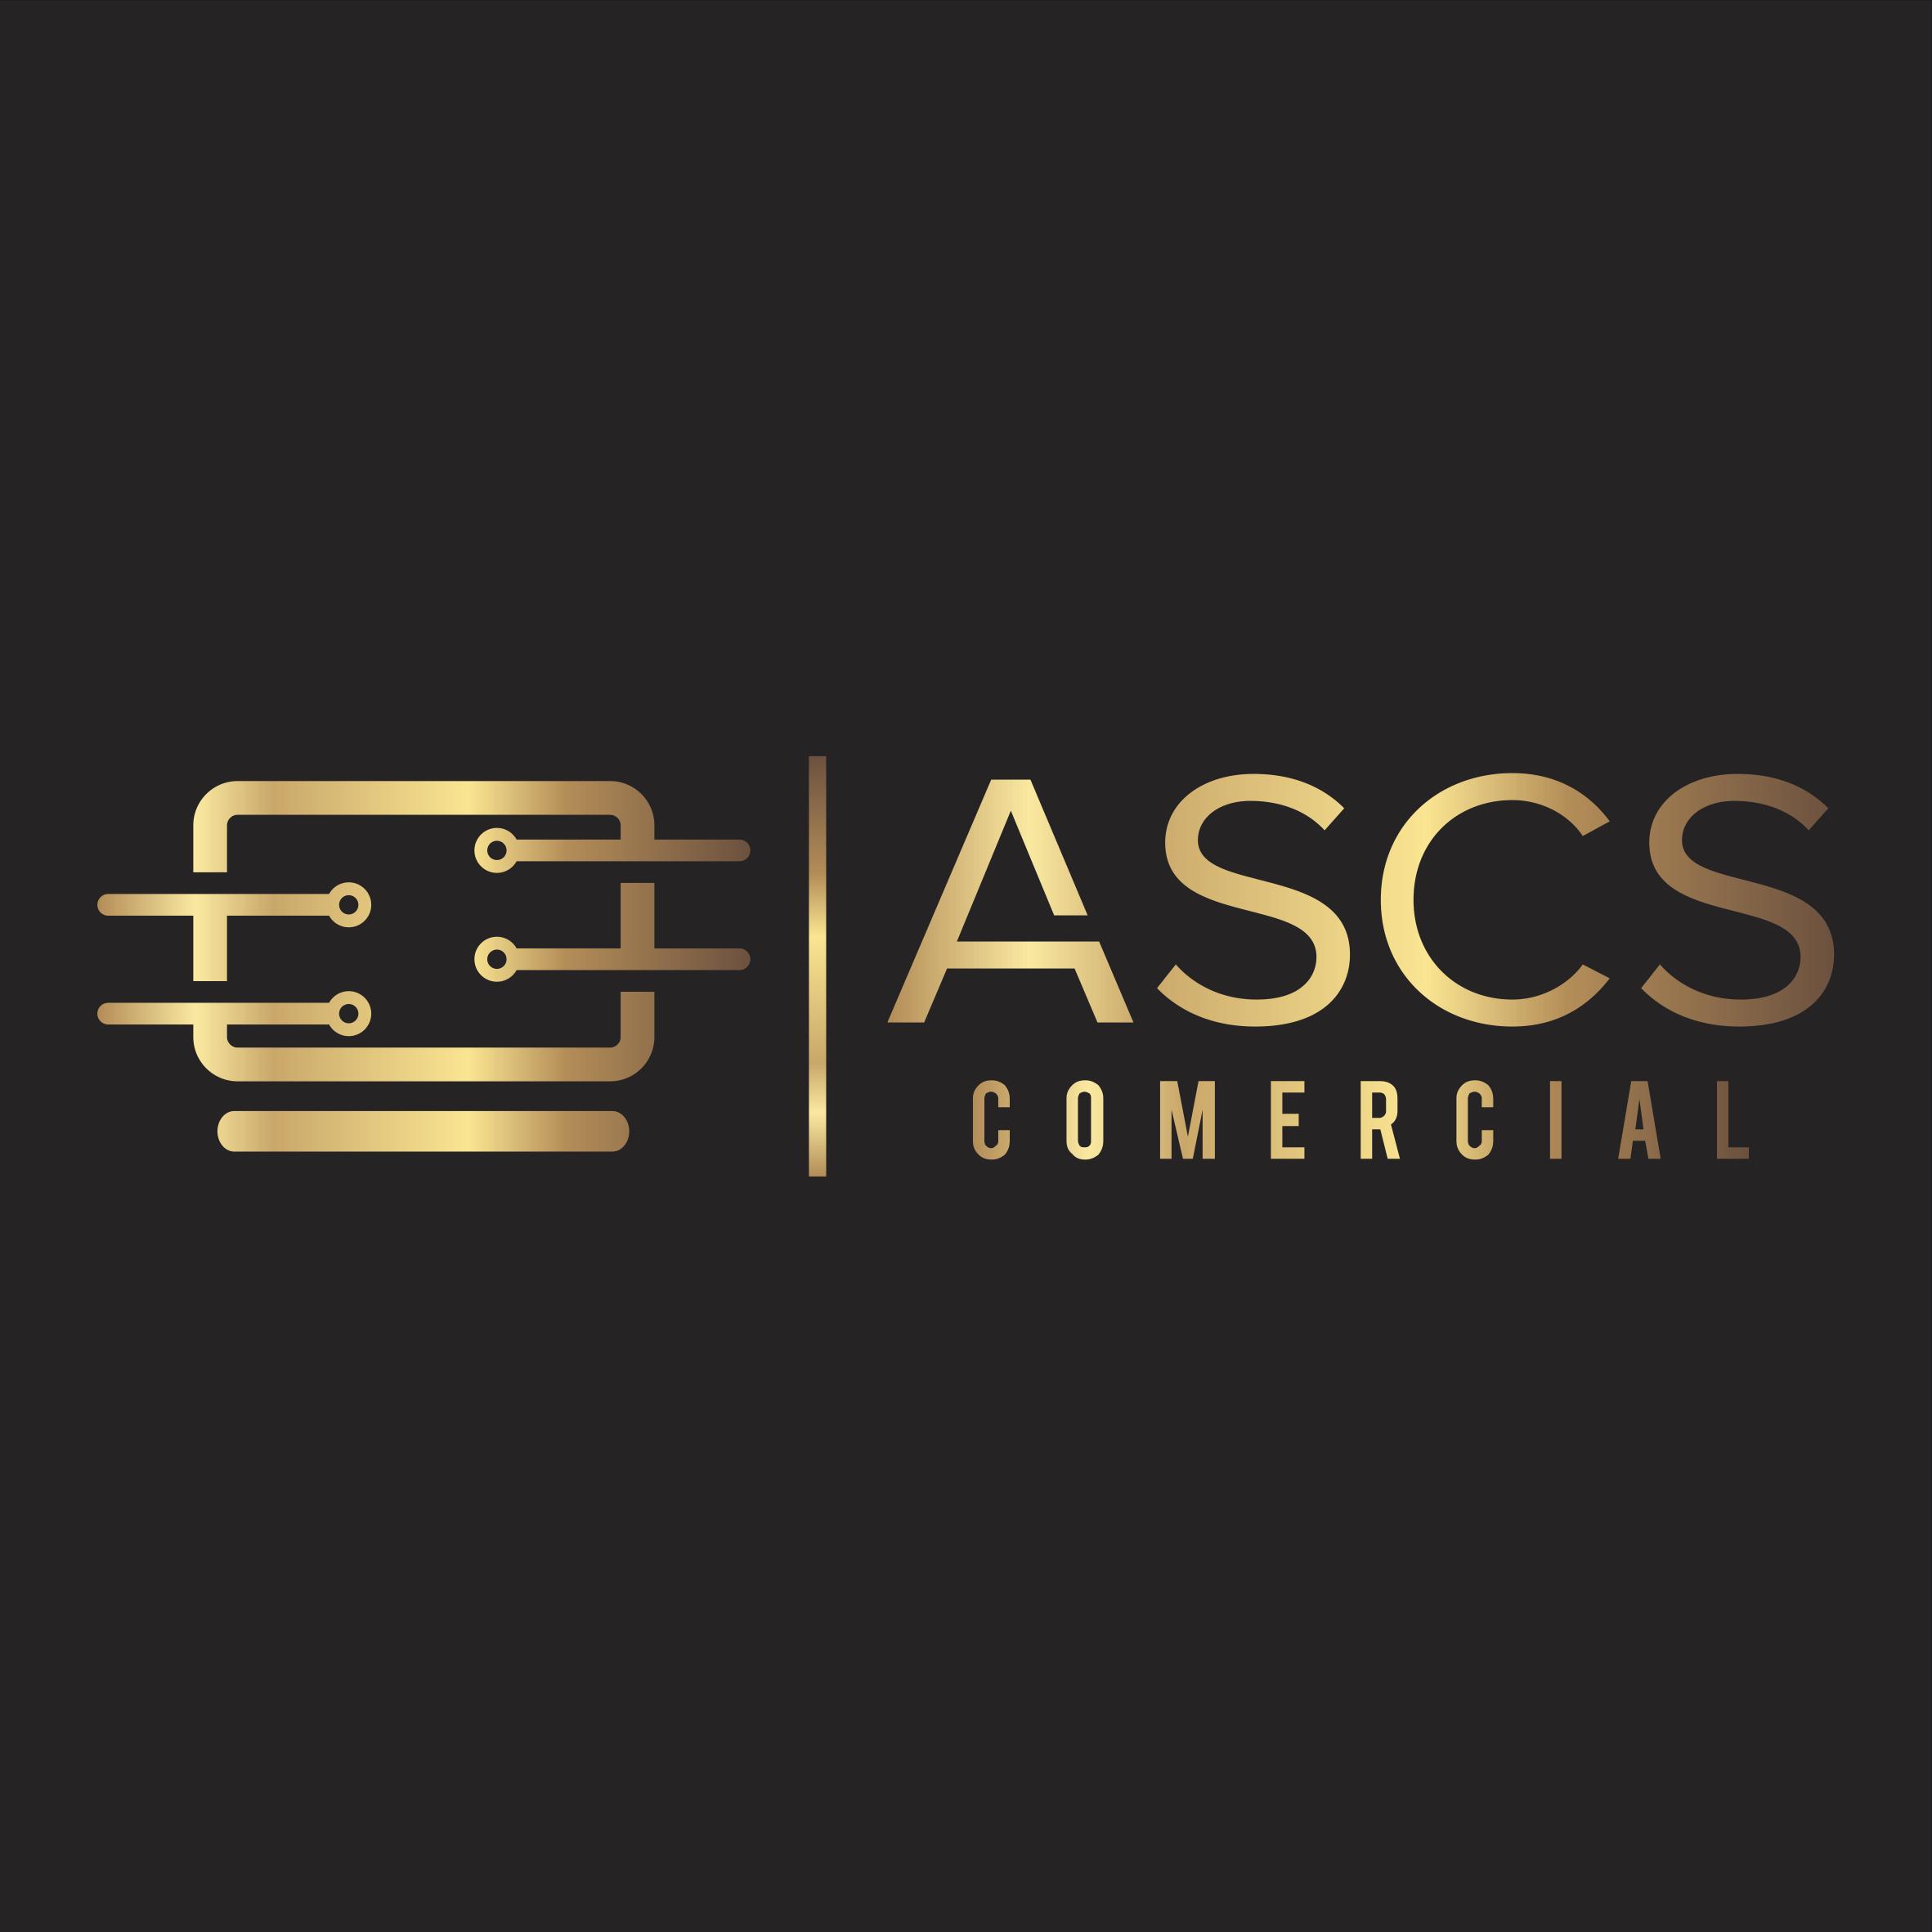 ASCS COMERCIAL